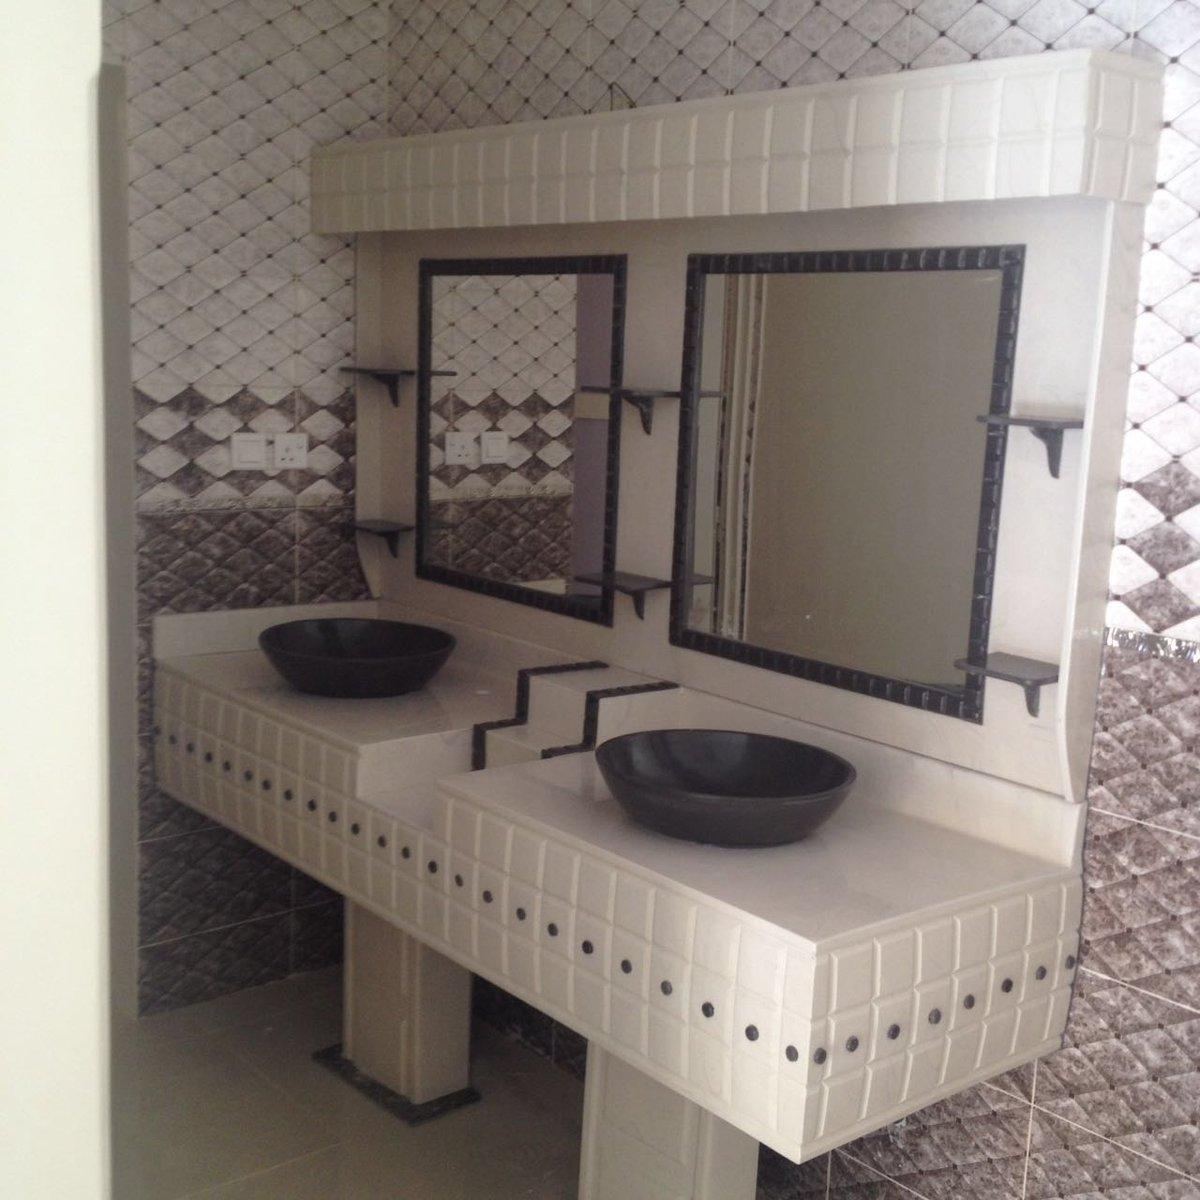 صور مغاسل رخام , اجمل الصور للمغاسل الرخام